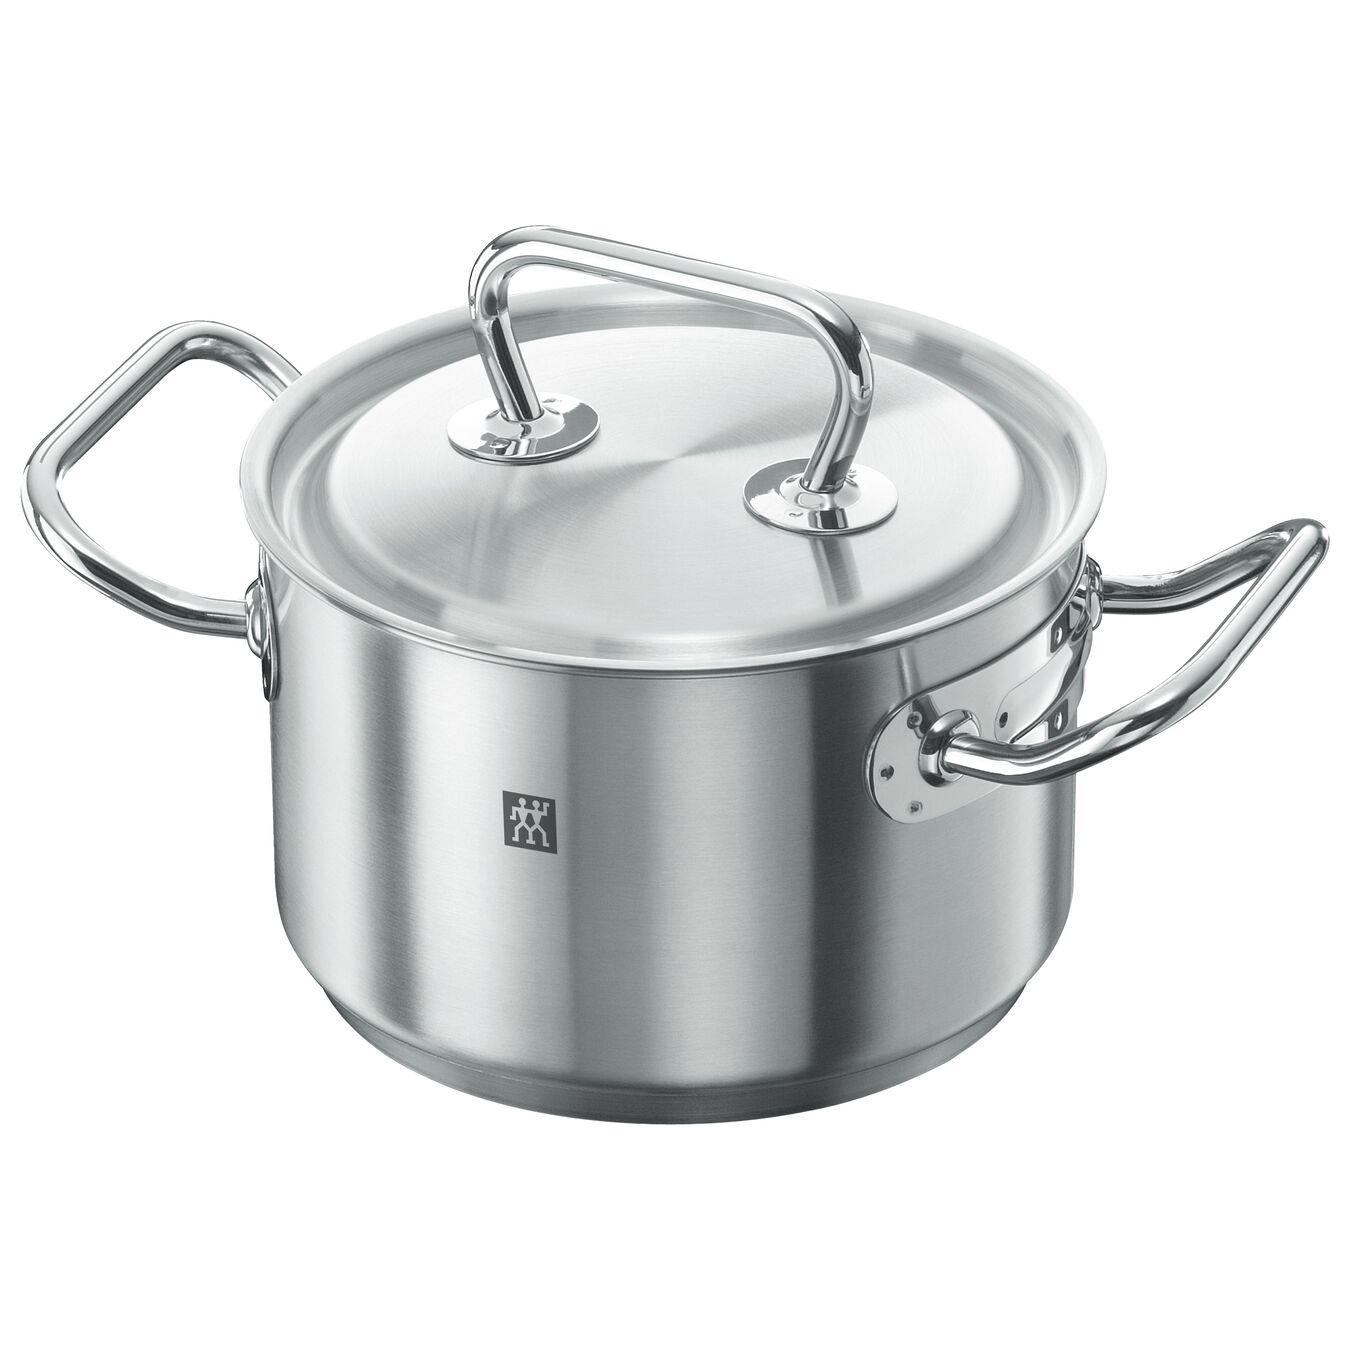 Ensemble de casseroles 5-pcs,,large 5